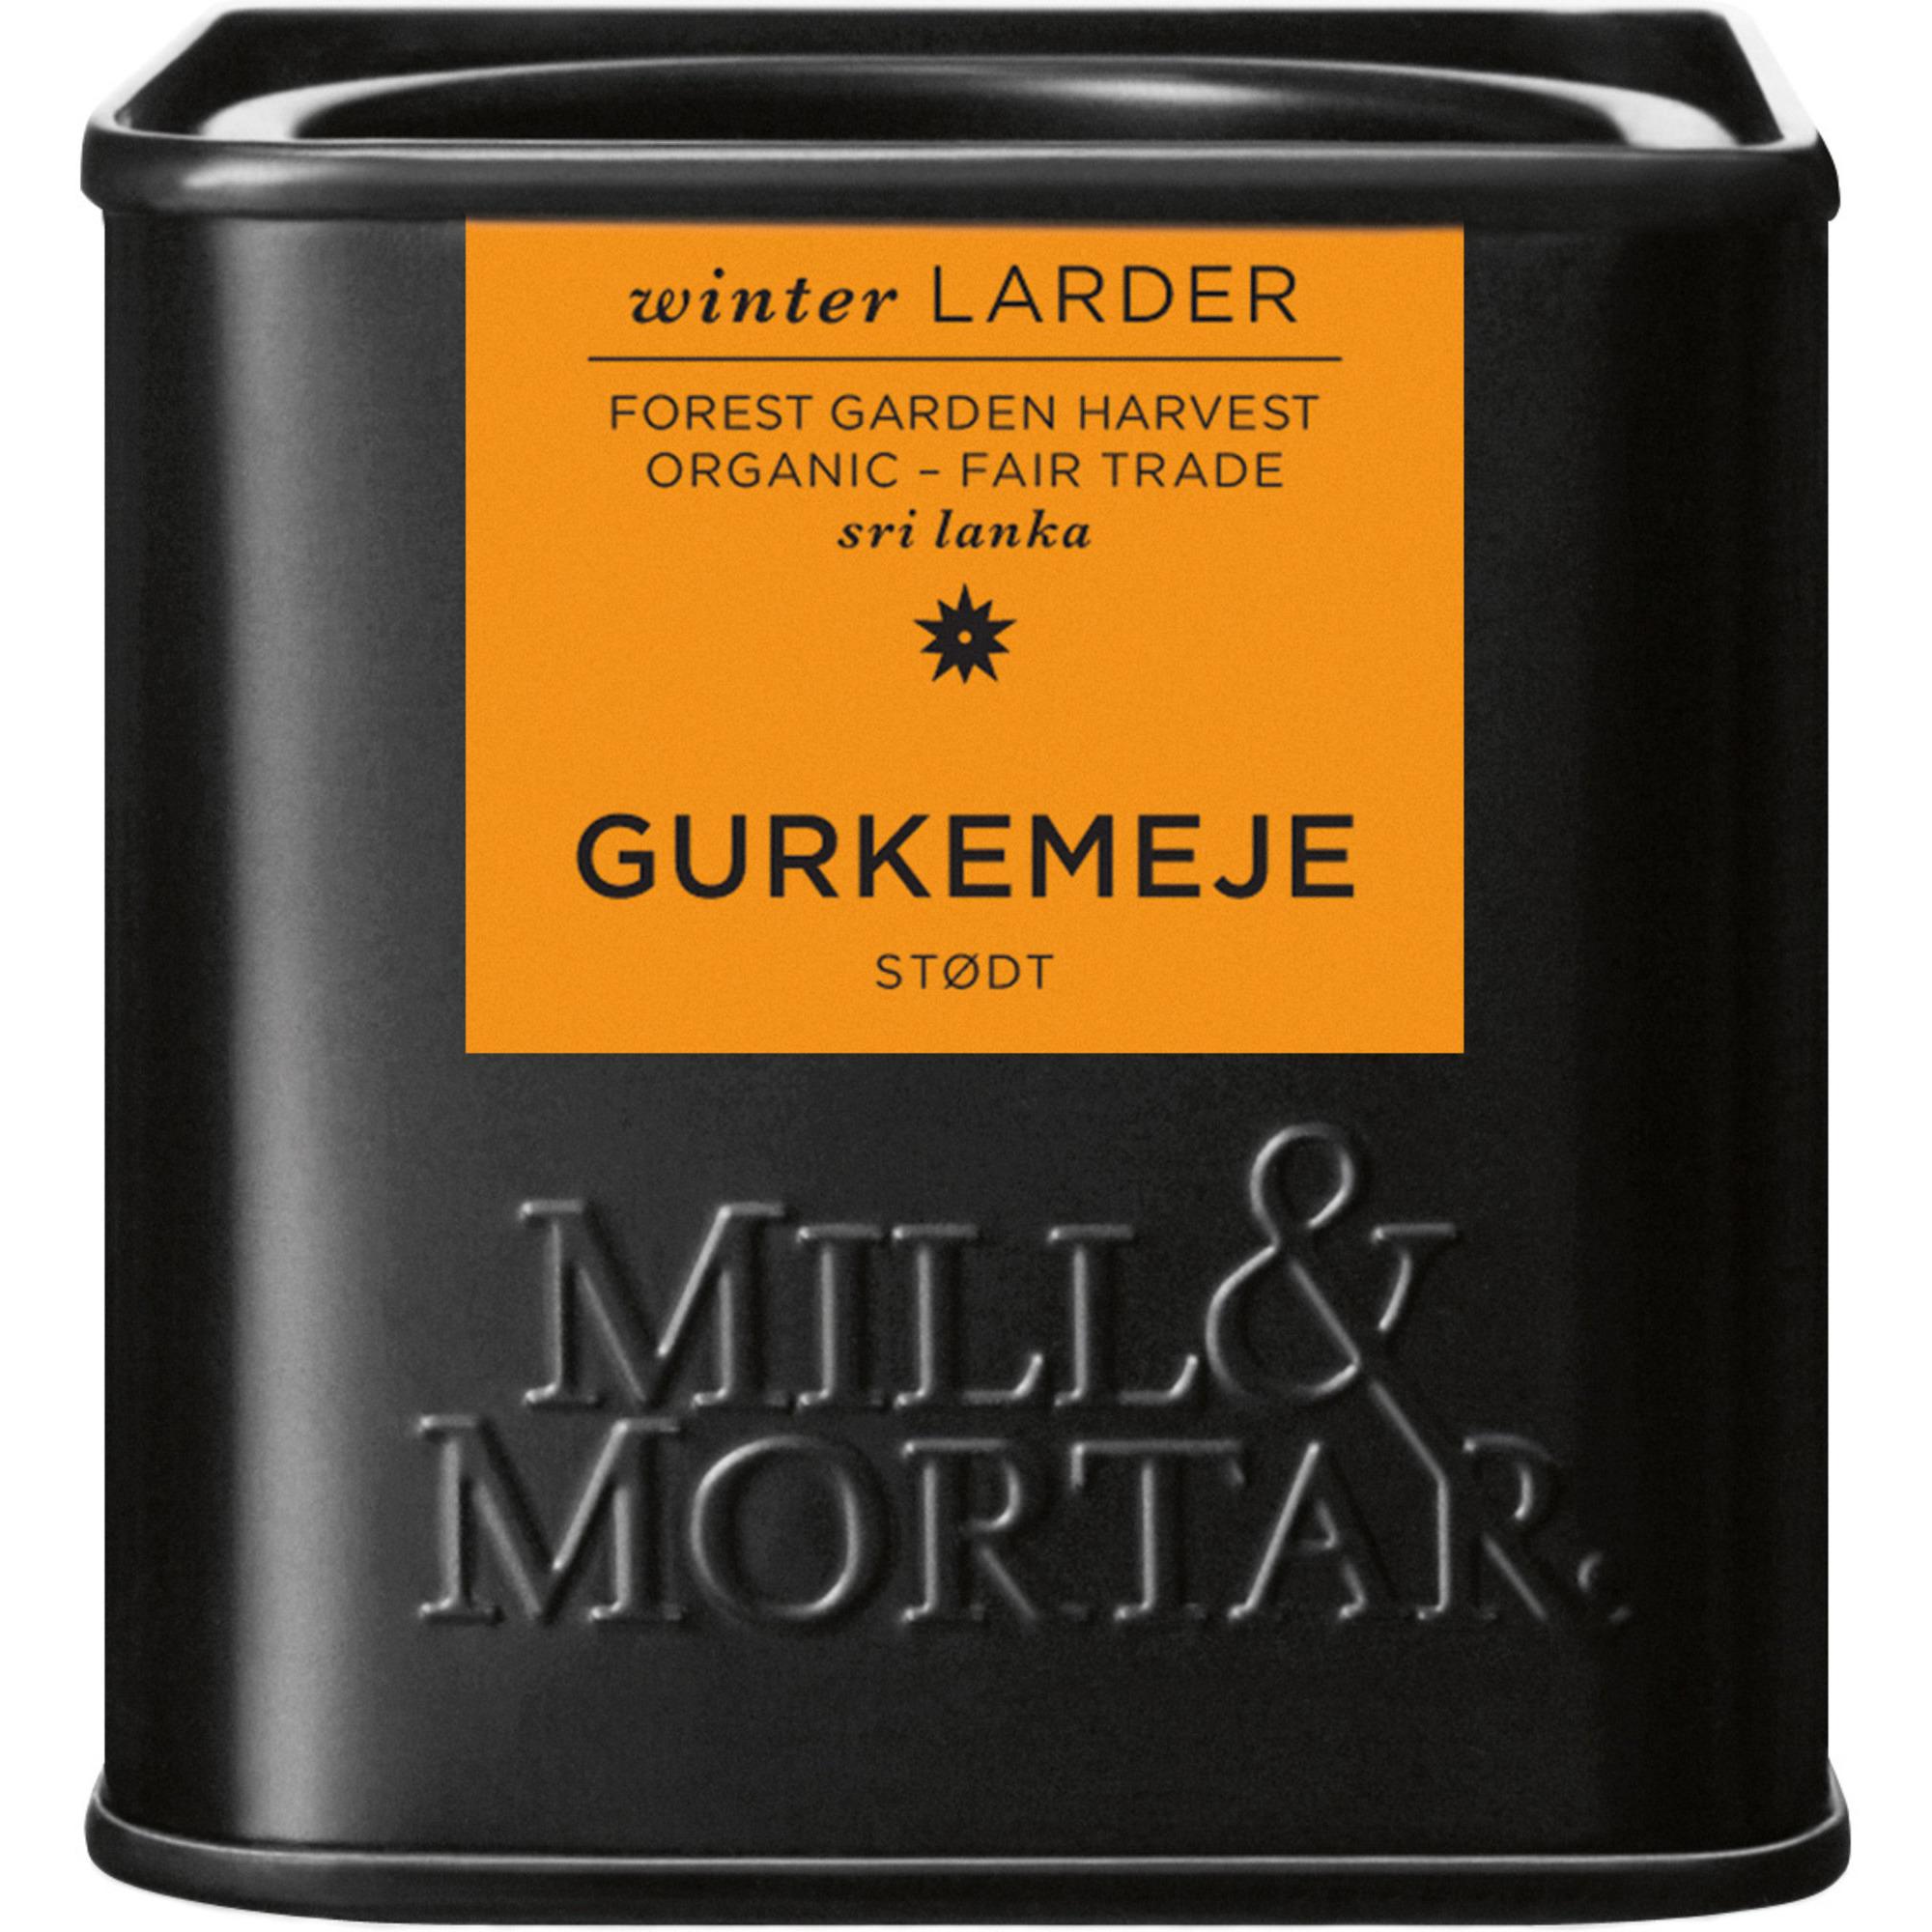 Mill & Mortar Gurkmeja 50g